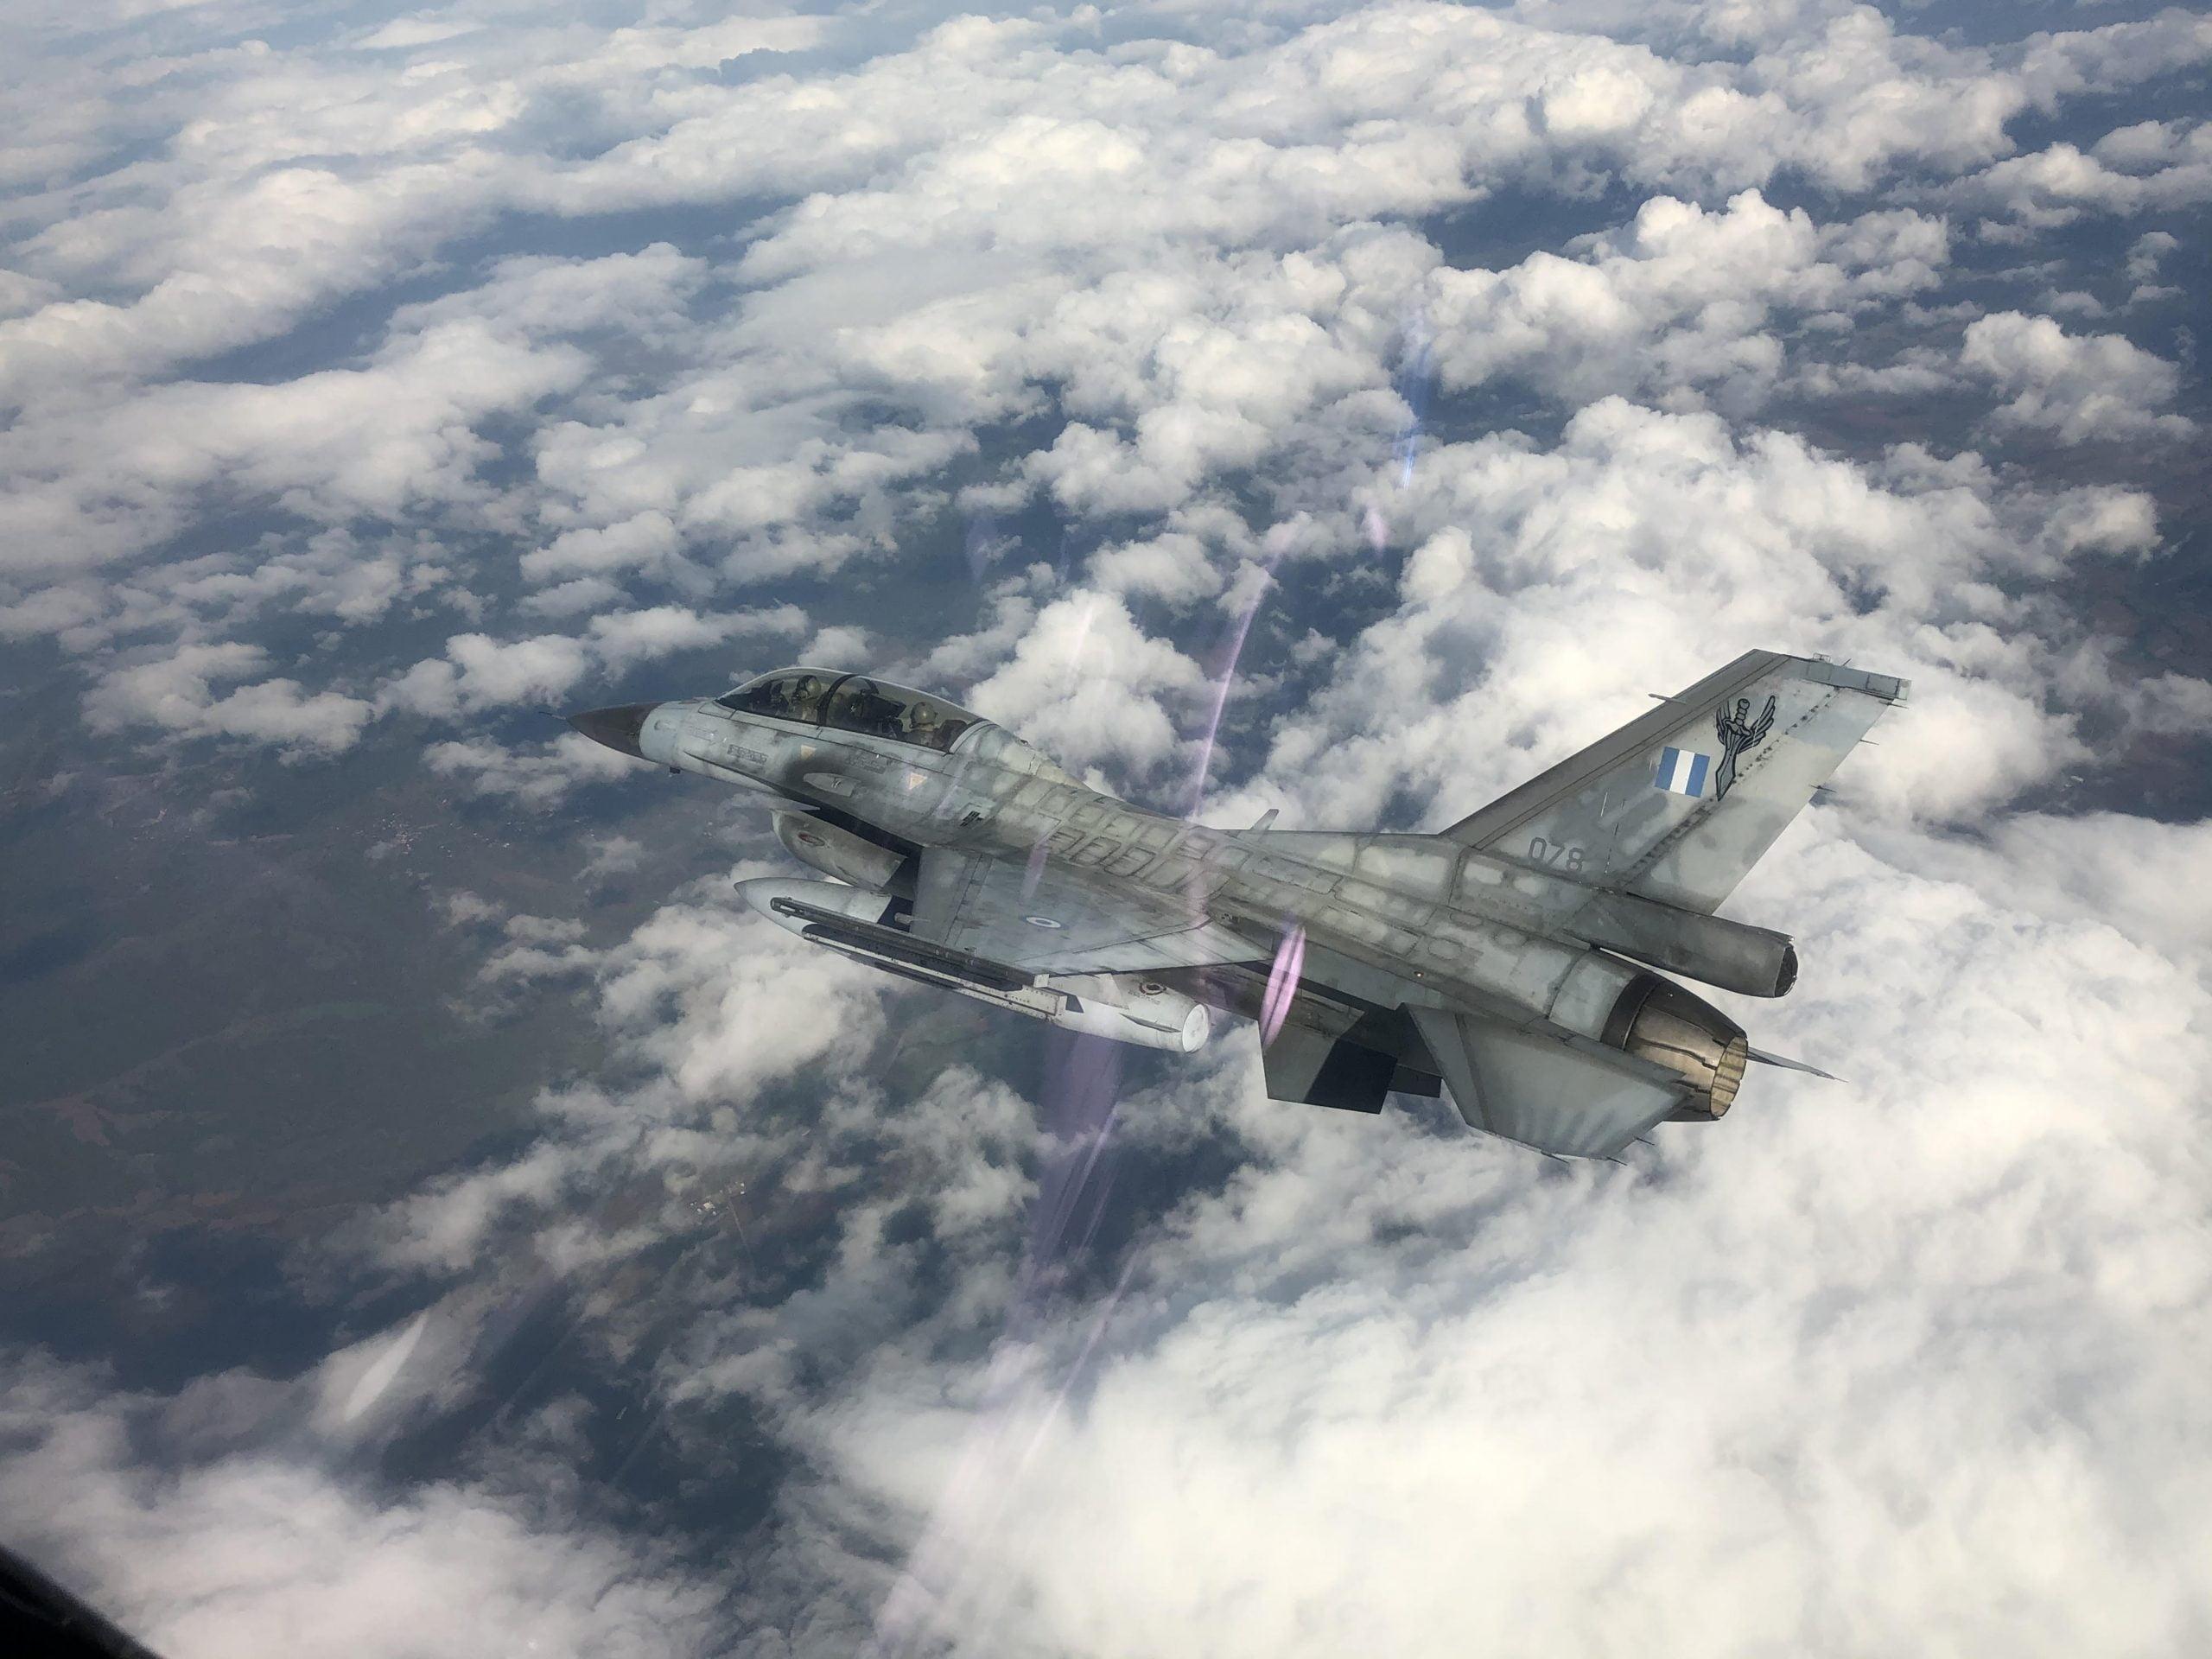 Εφιάλτης για τους Τούρκους μετά τα Rafale και τα Viper: Αναβάθμιση των F-16 block 50 το επόμενο βήμα για τα ελληνικά «φτερά» -Το σχέδιο εκσυγχρονισμού των 38 μαχητικών